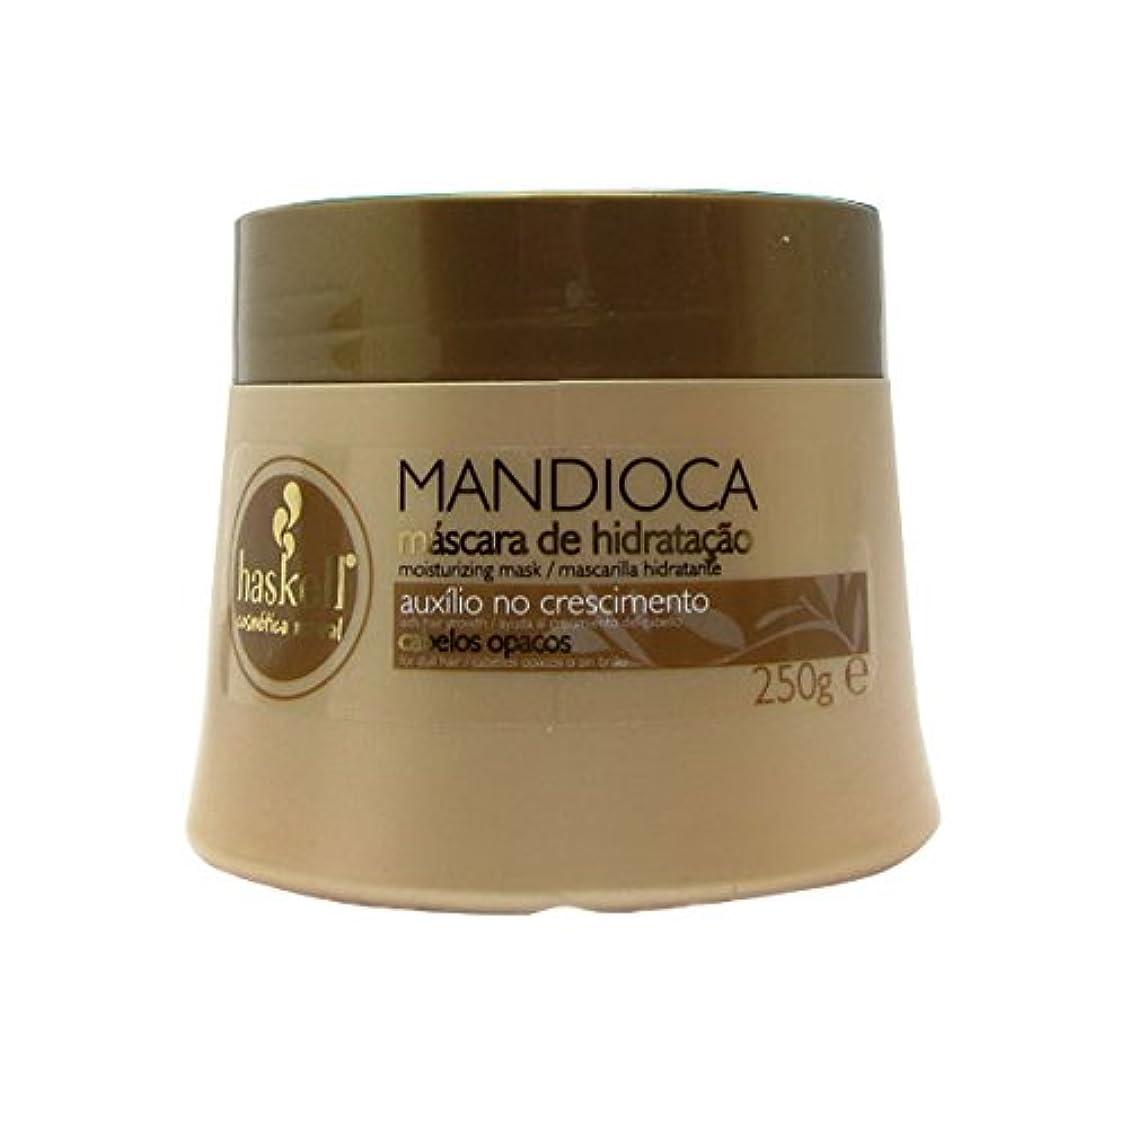 軽食聡明サスペンドHaskell Mandioca Hair Mask 250g [並行輸入品]